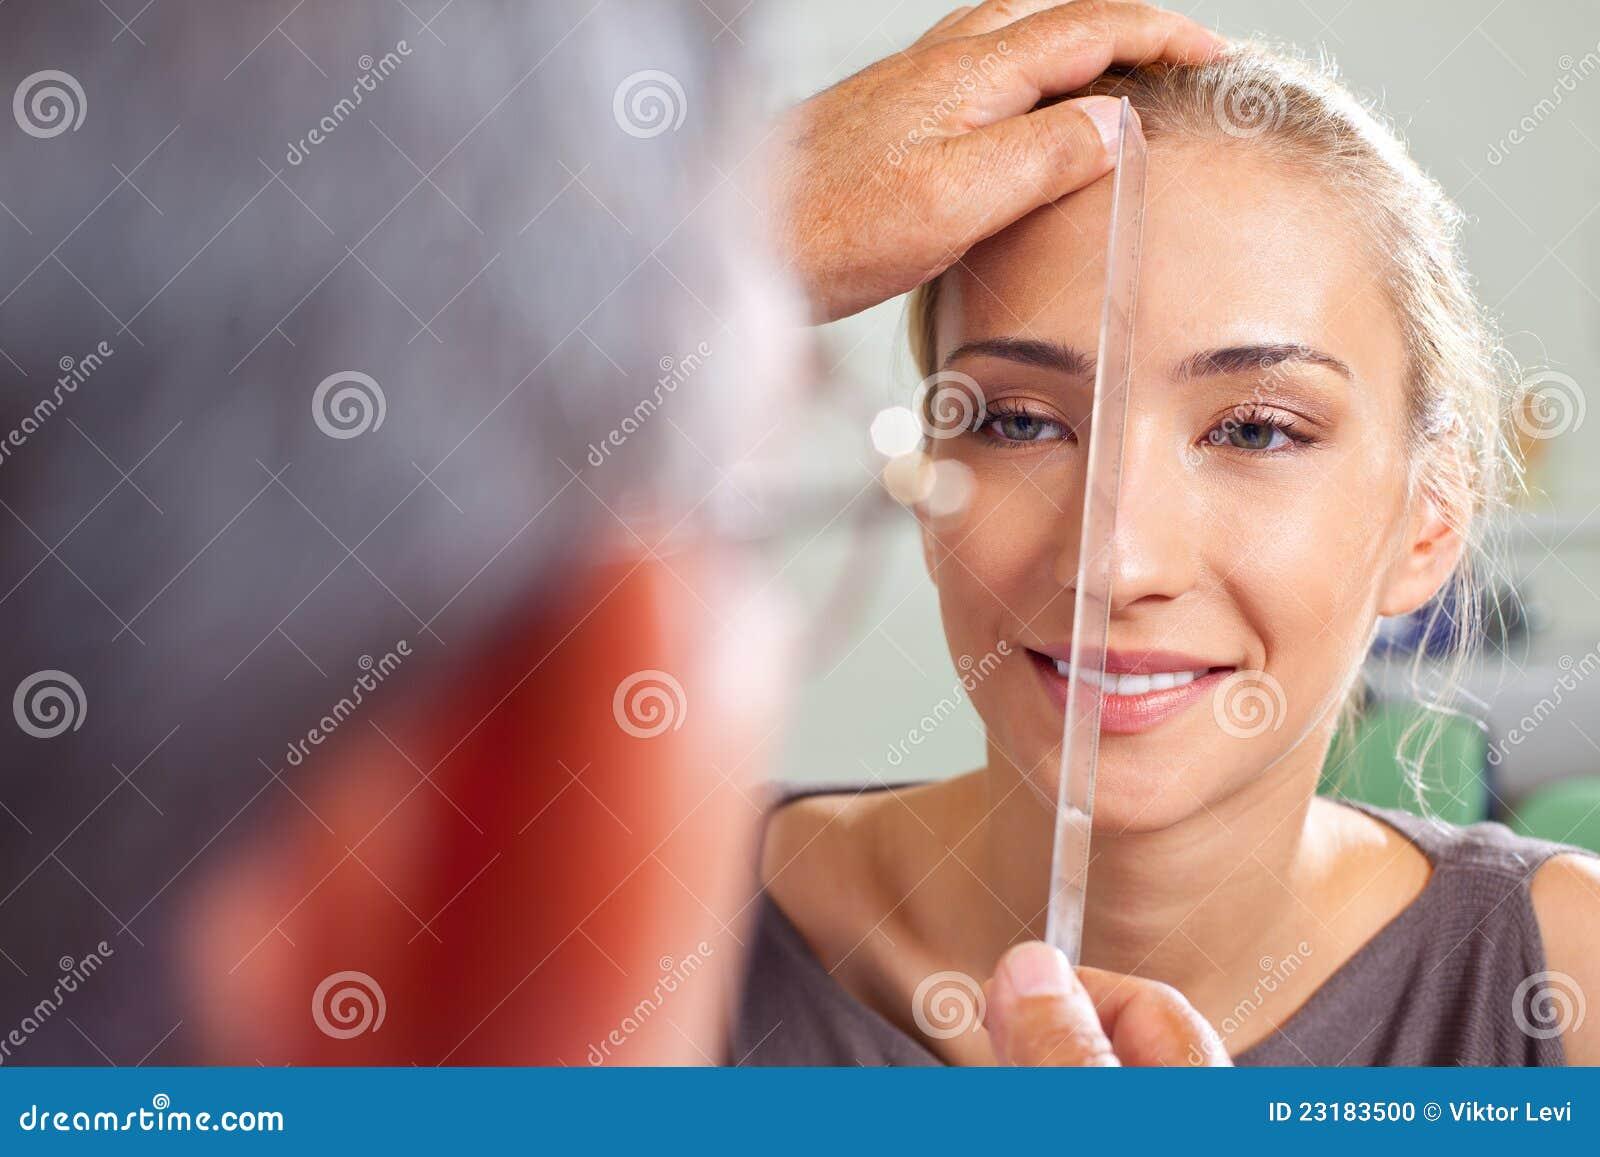 De plastische chirurgievoorbereiding van de neus